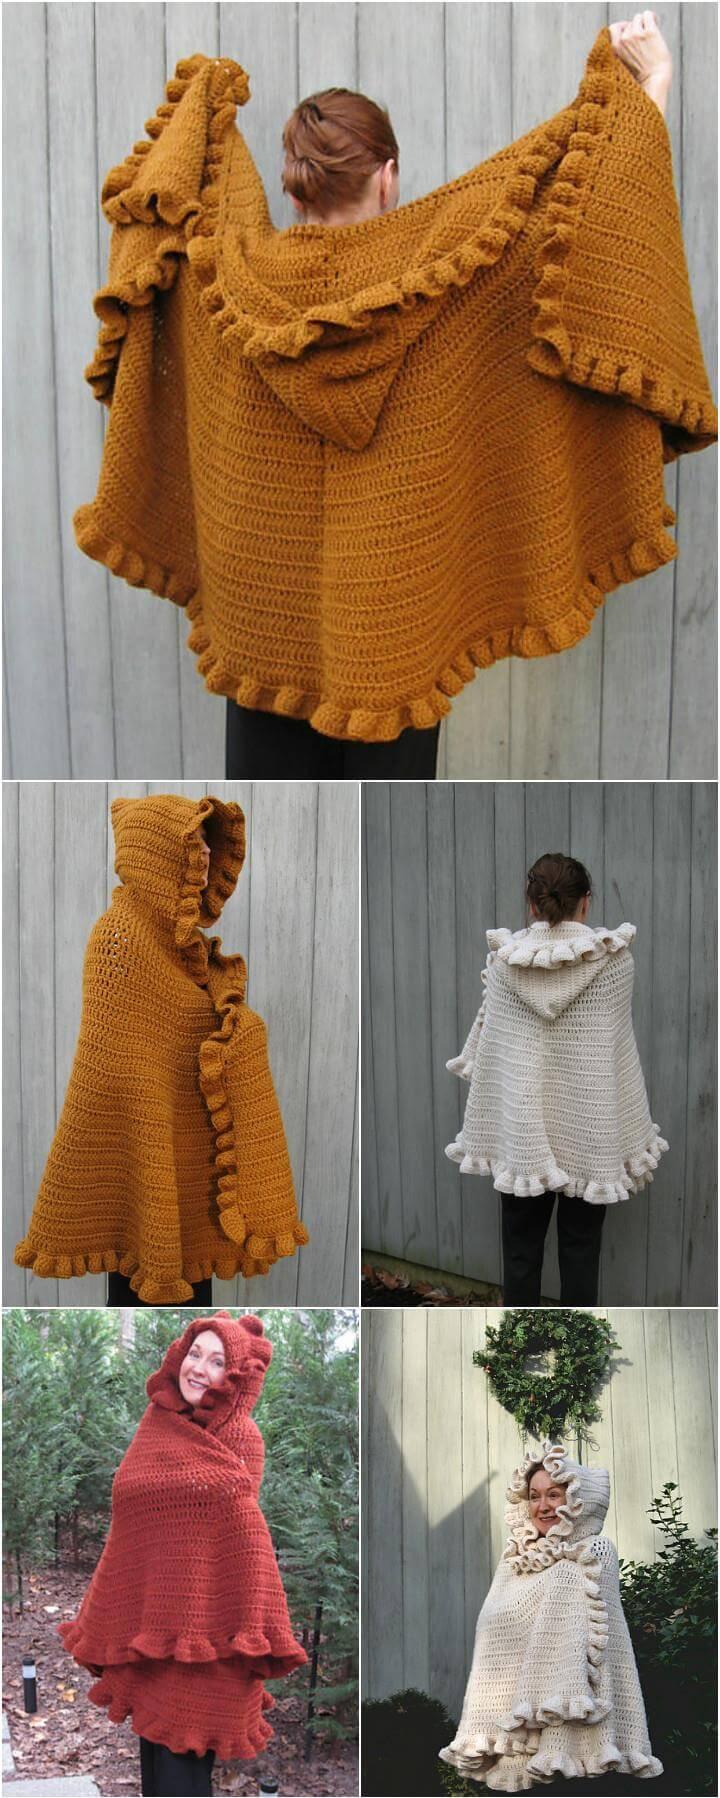 10 FREE Crochet Shawl Patterns for Women's  101 Crochet